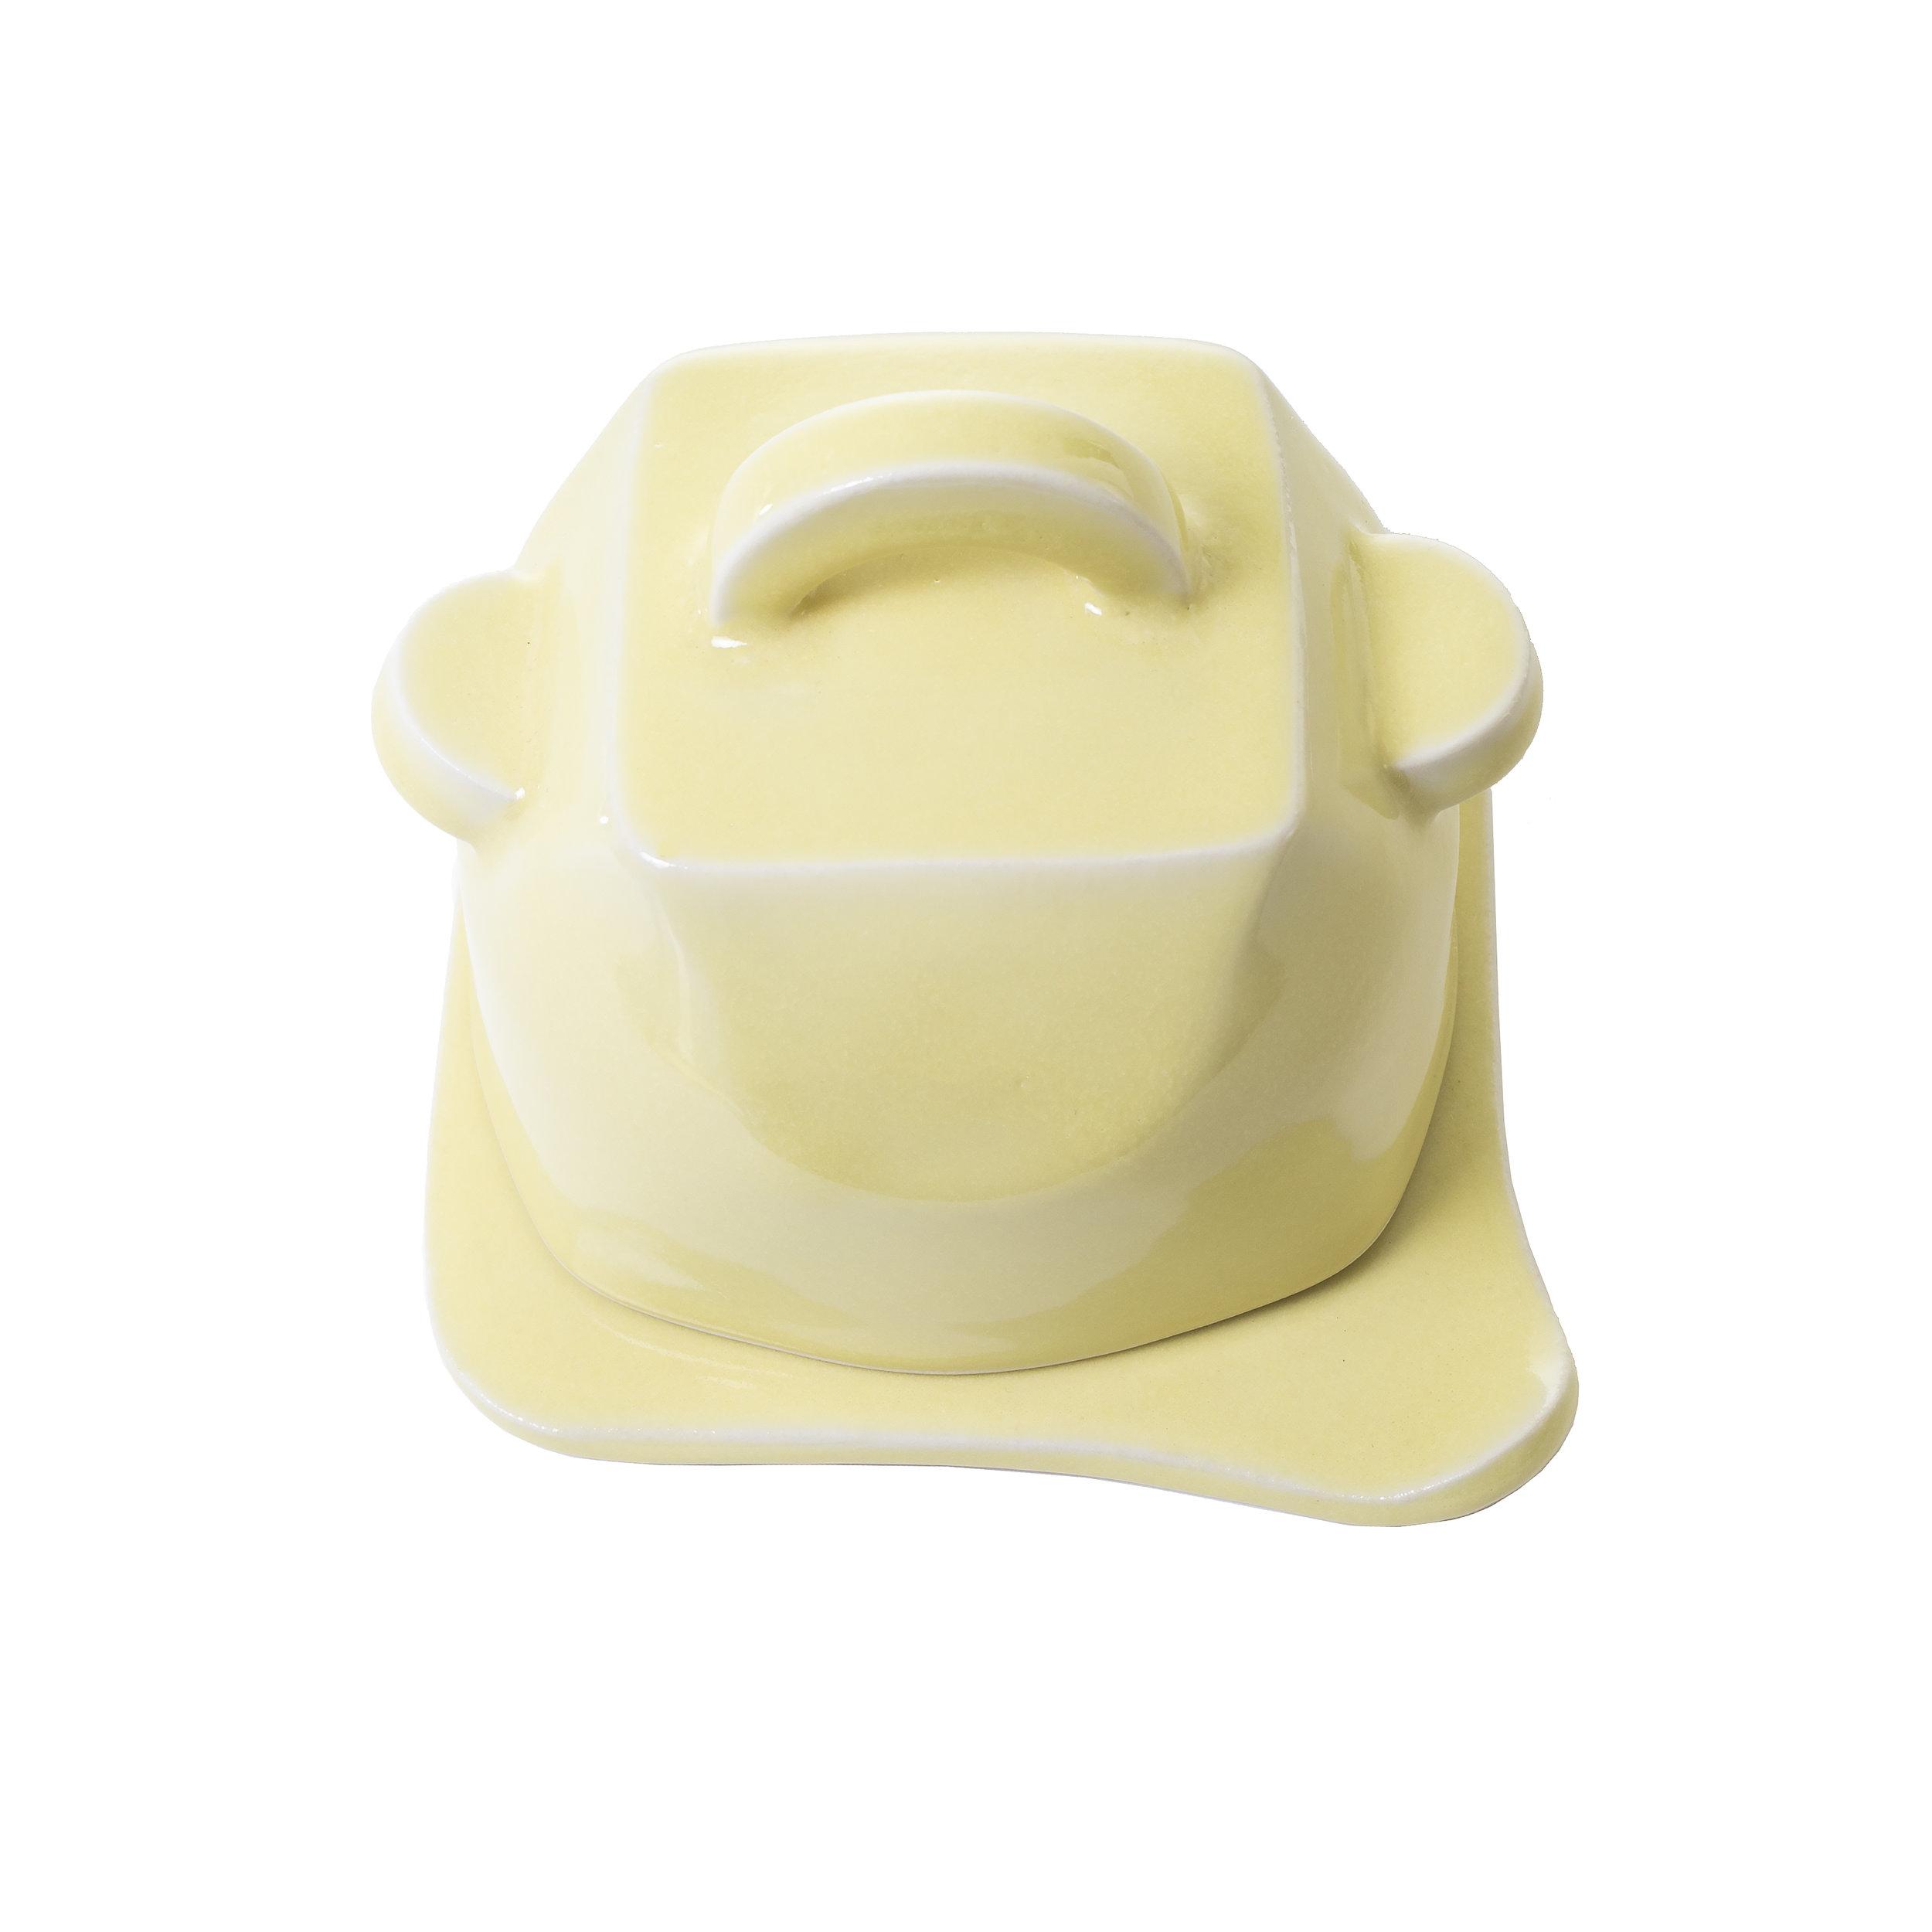 ButterYellow1.jpg